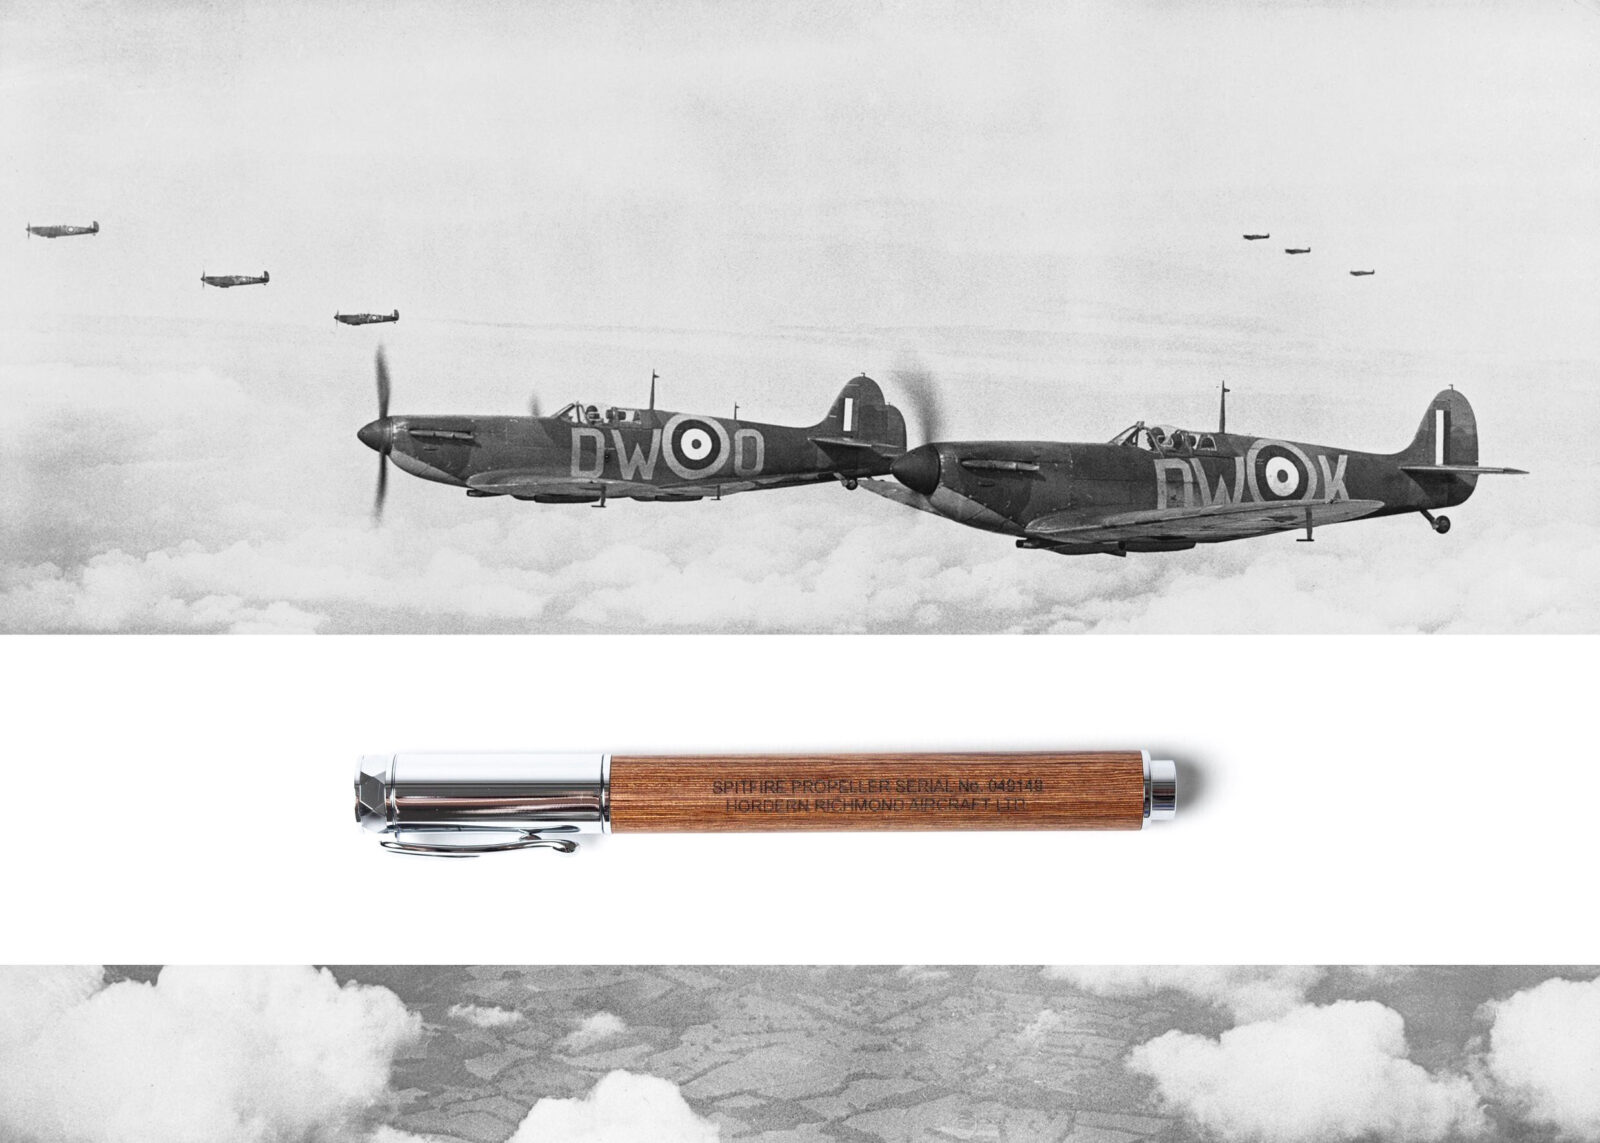 Spitfire Pen 1600x1143 - Spitfire Pen - Made From An Original Spitfire Propeller